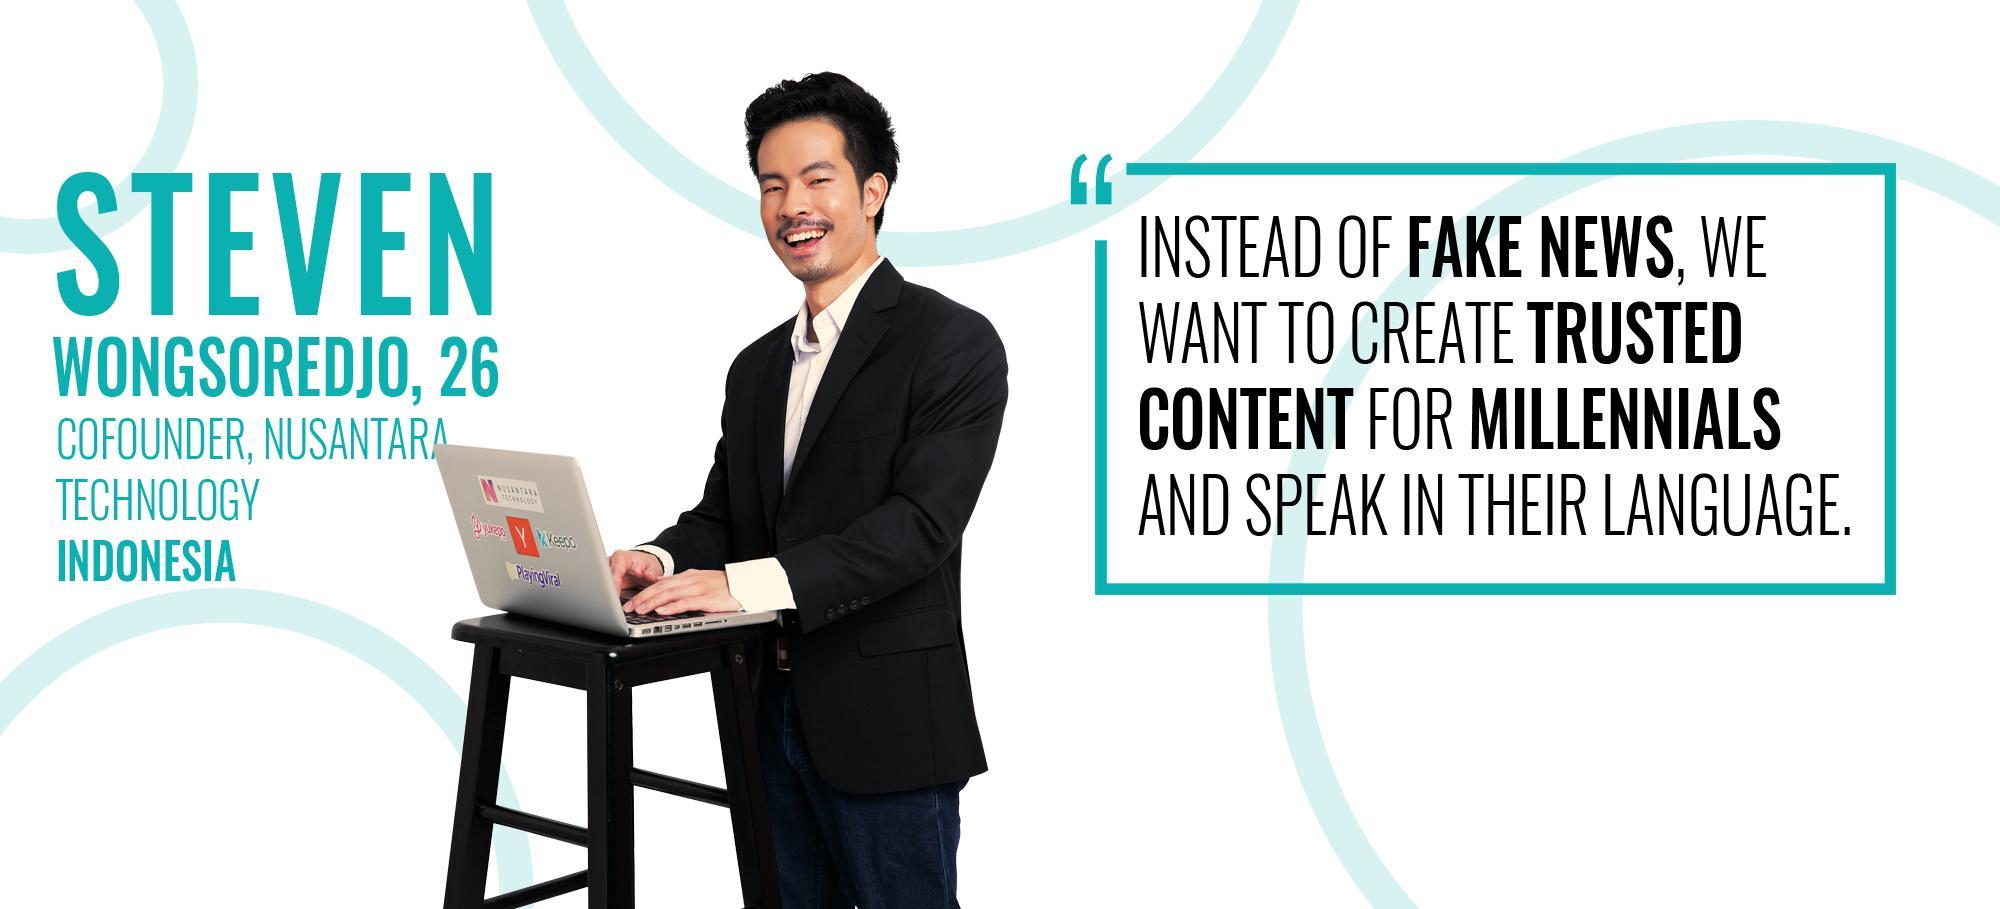 Steven Wongsoredjo menjadi featured honoree di daftar Forbes 30 under 30 Asia 2019 | Sumber: Forbes